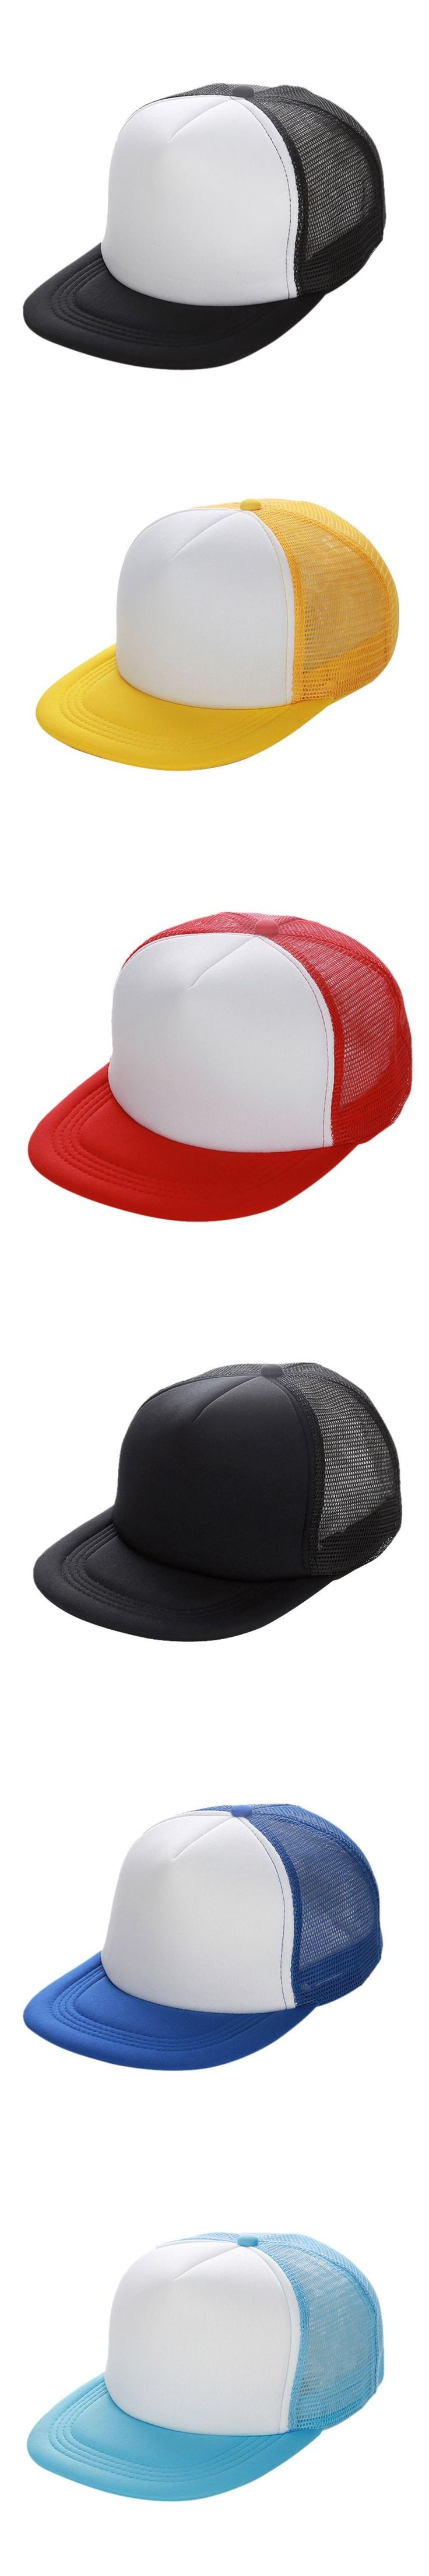 Unisex Mesh Women's Men's Baseball Caps Hats Blank Visor Adjustable Women's Sun Hats